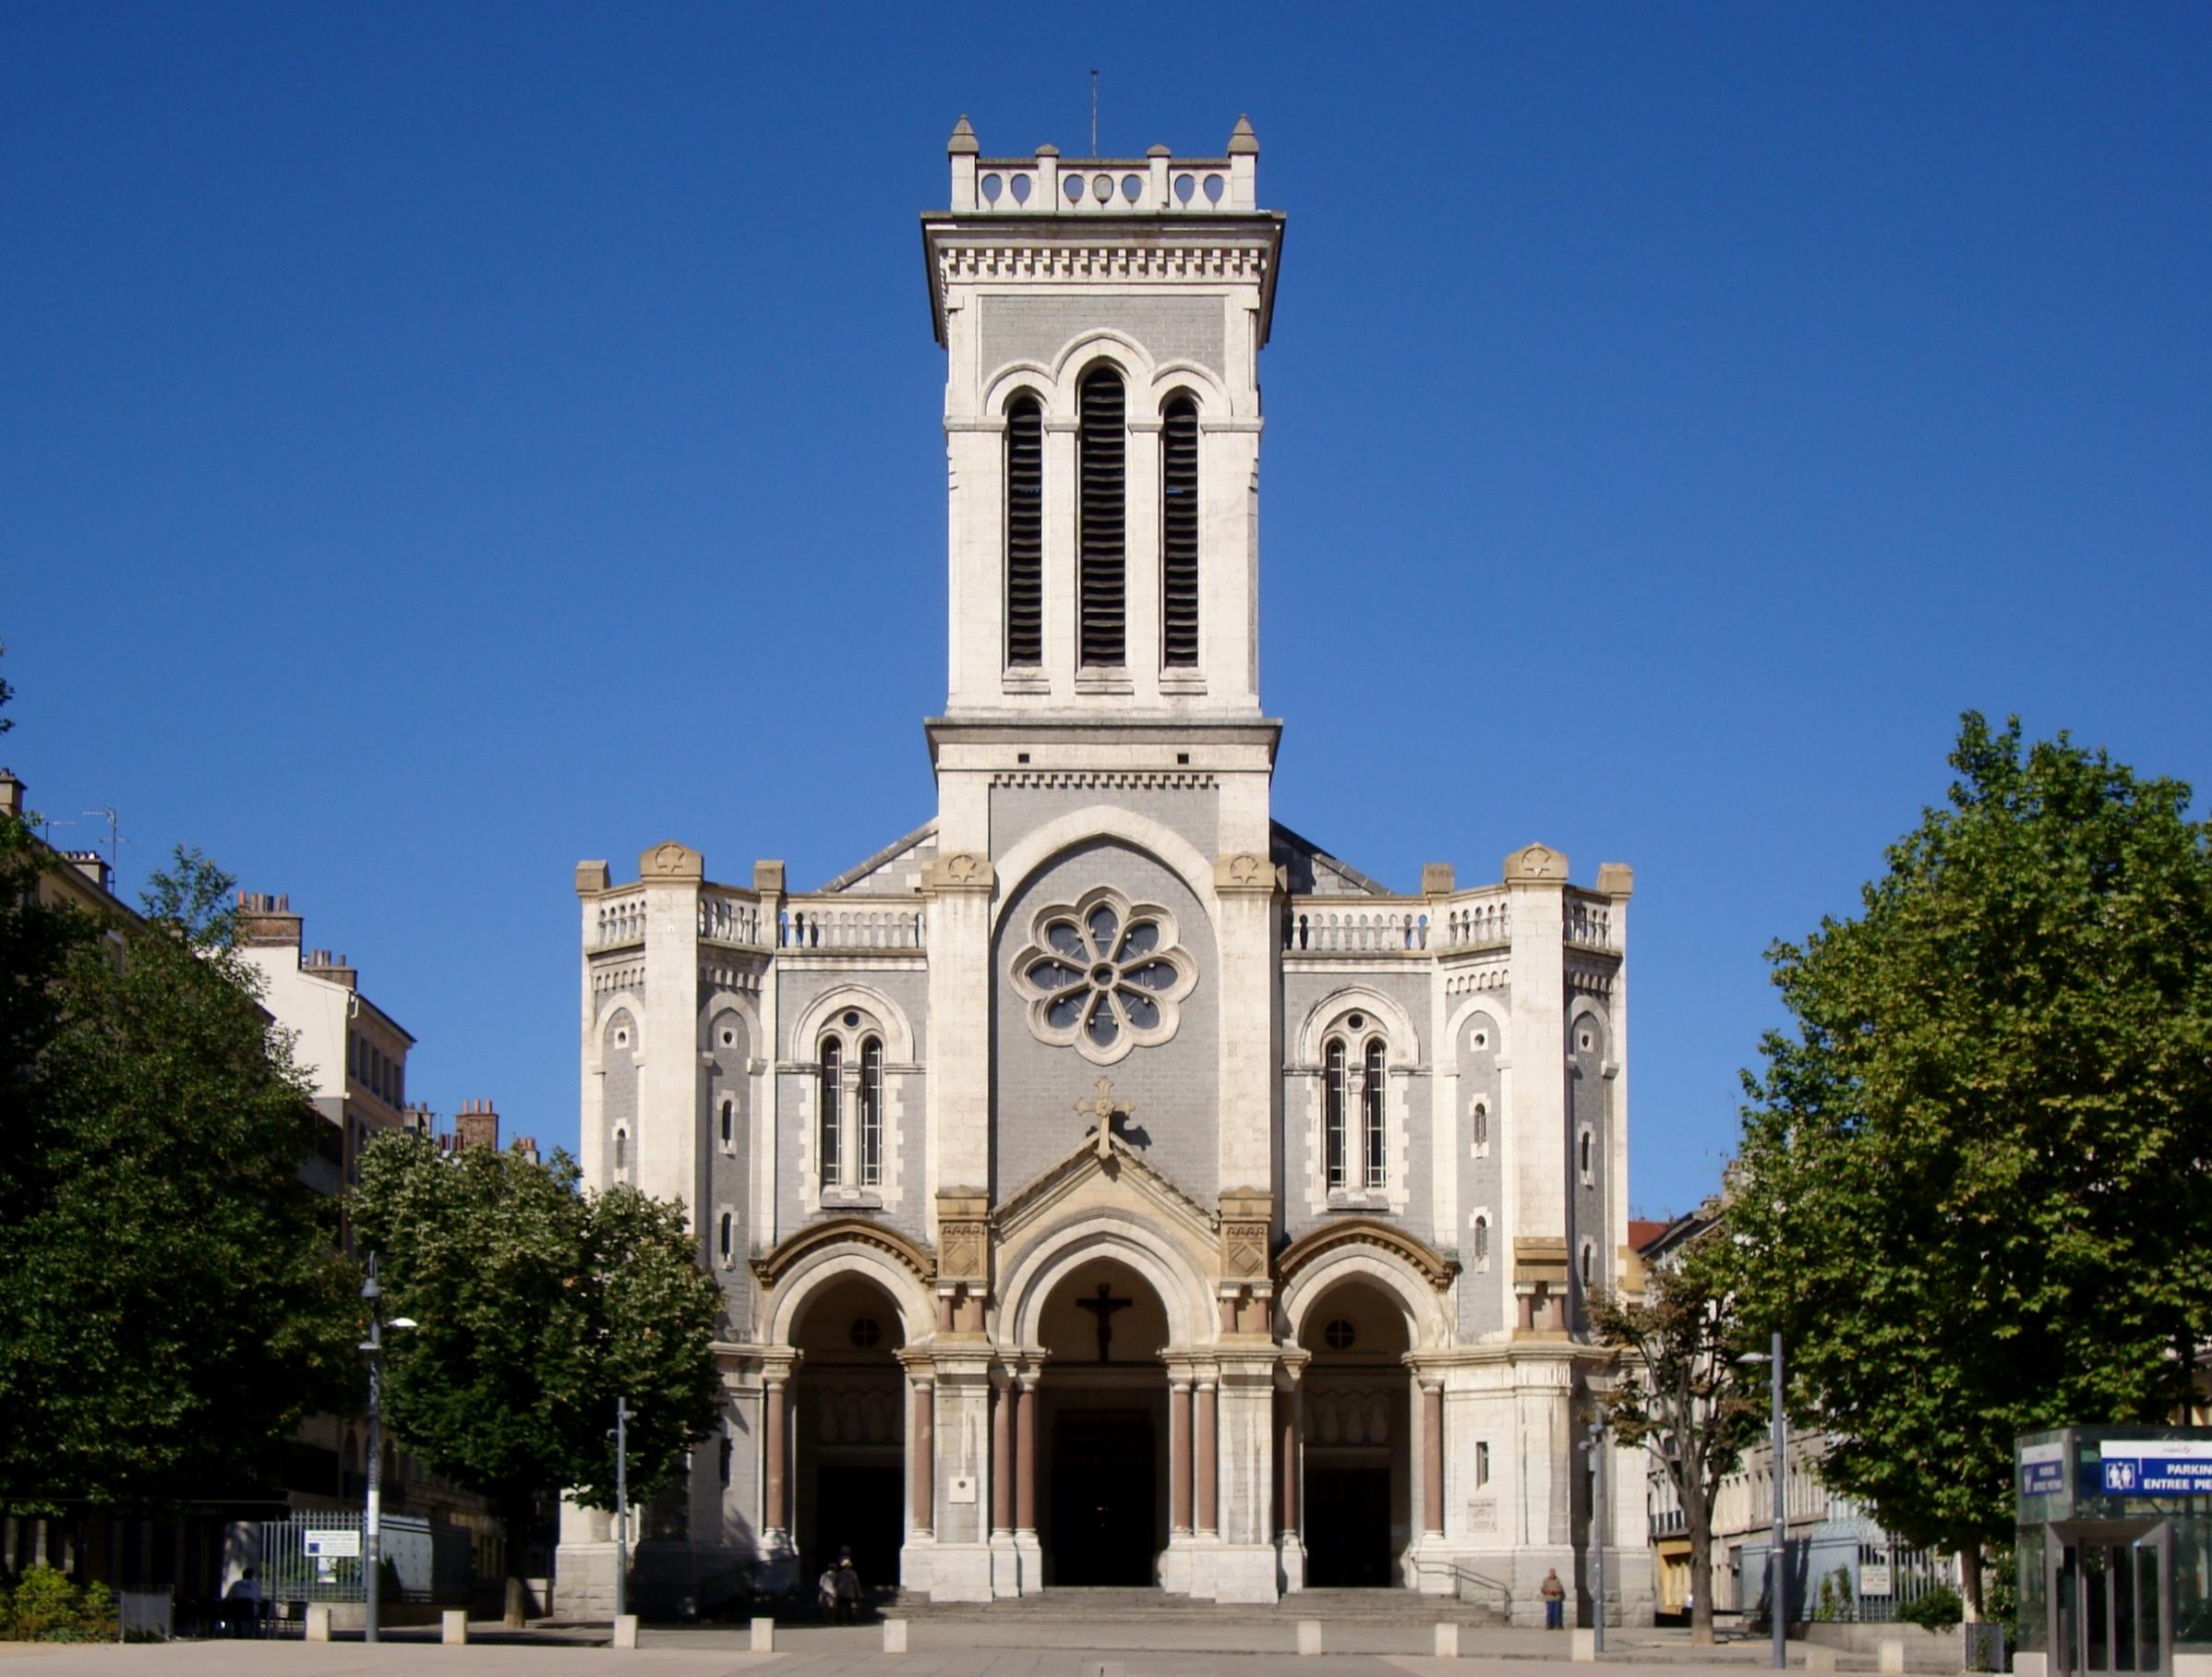 La cathédrale Saint-Charles-Borromée de Saint-Étienne dans la Loire.